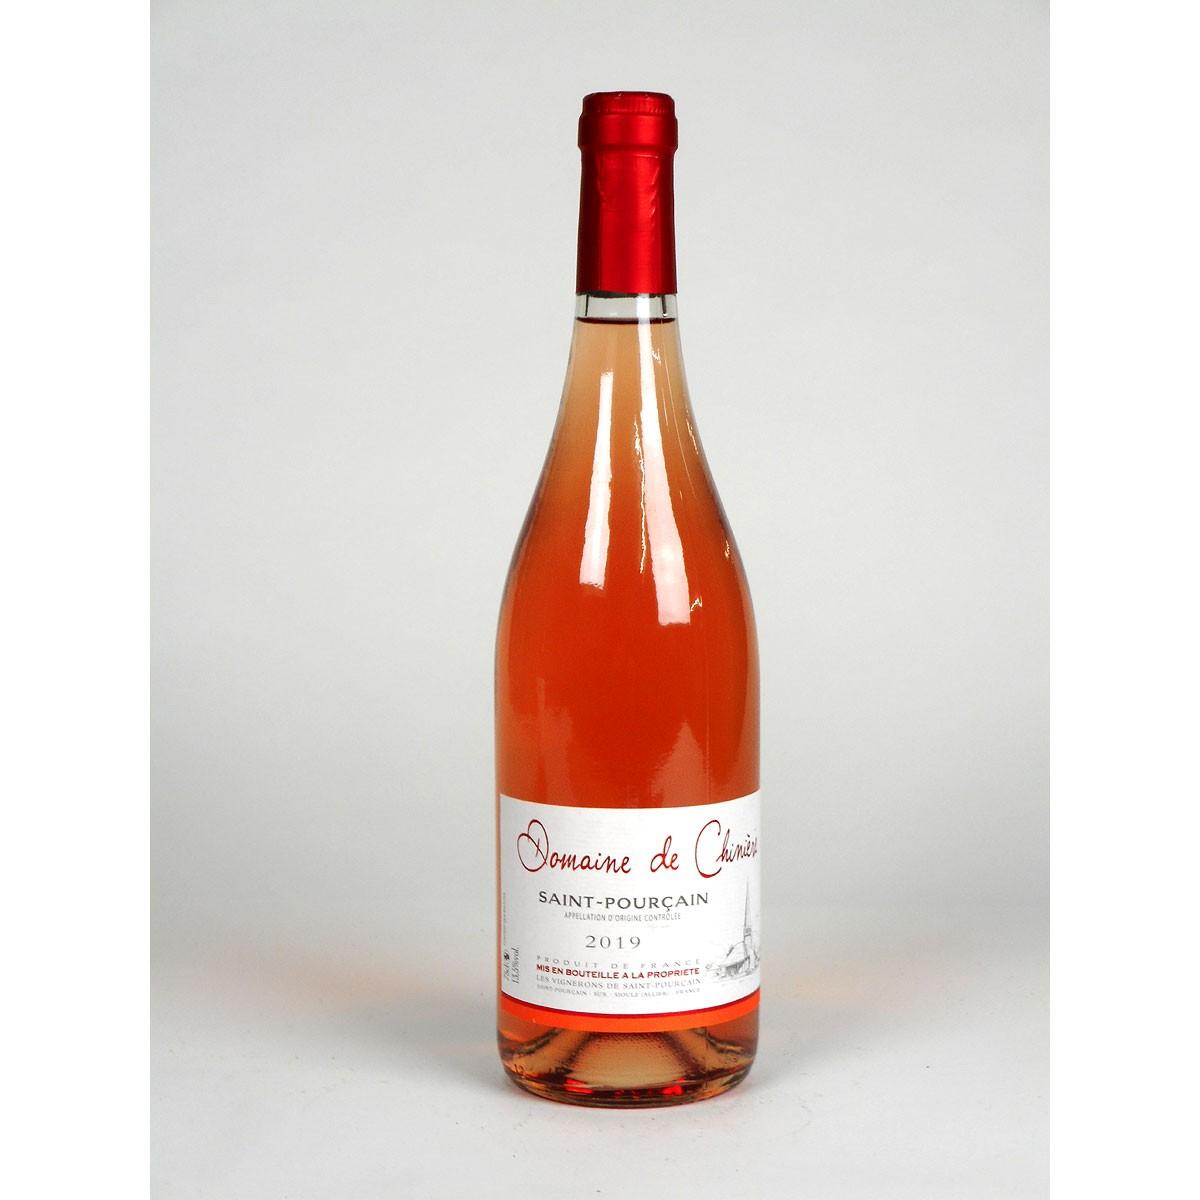 Saint-Pourçain: Domaine de Chinière Rosé 2019 - Bottle